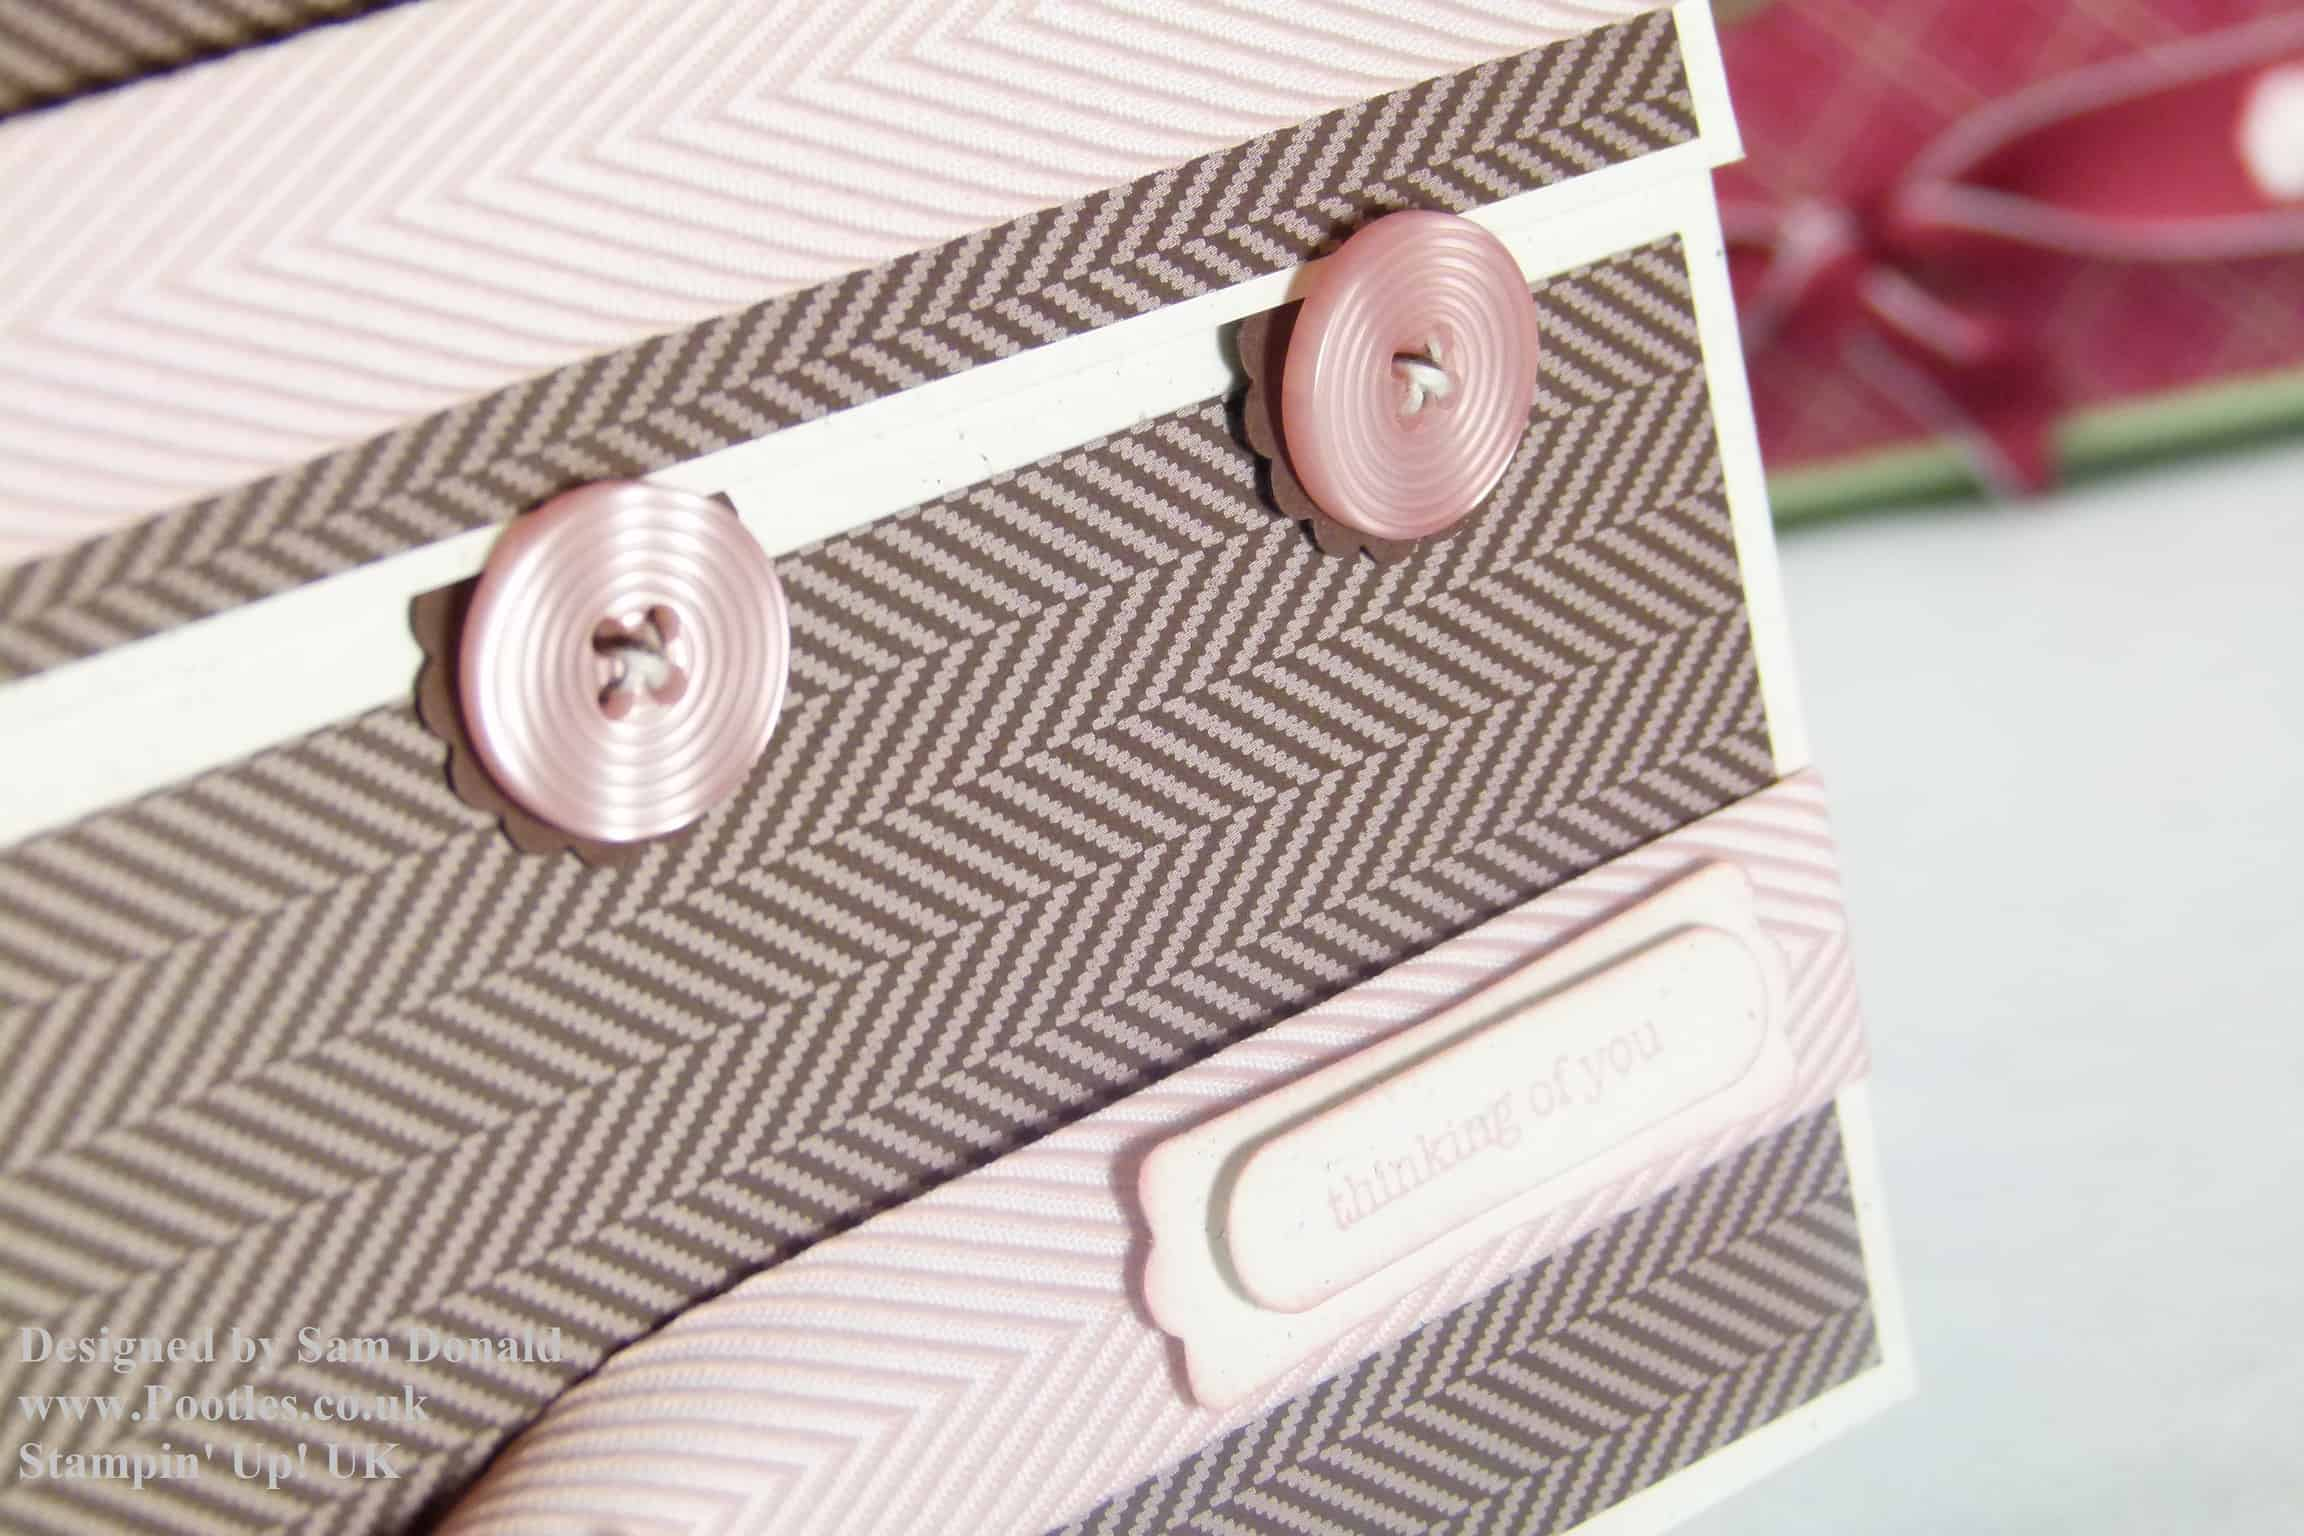 Pootles Stampin Up UK Card Gift Box